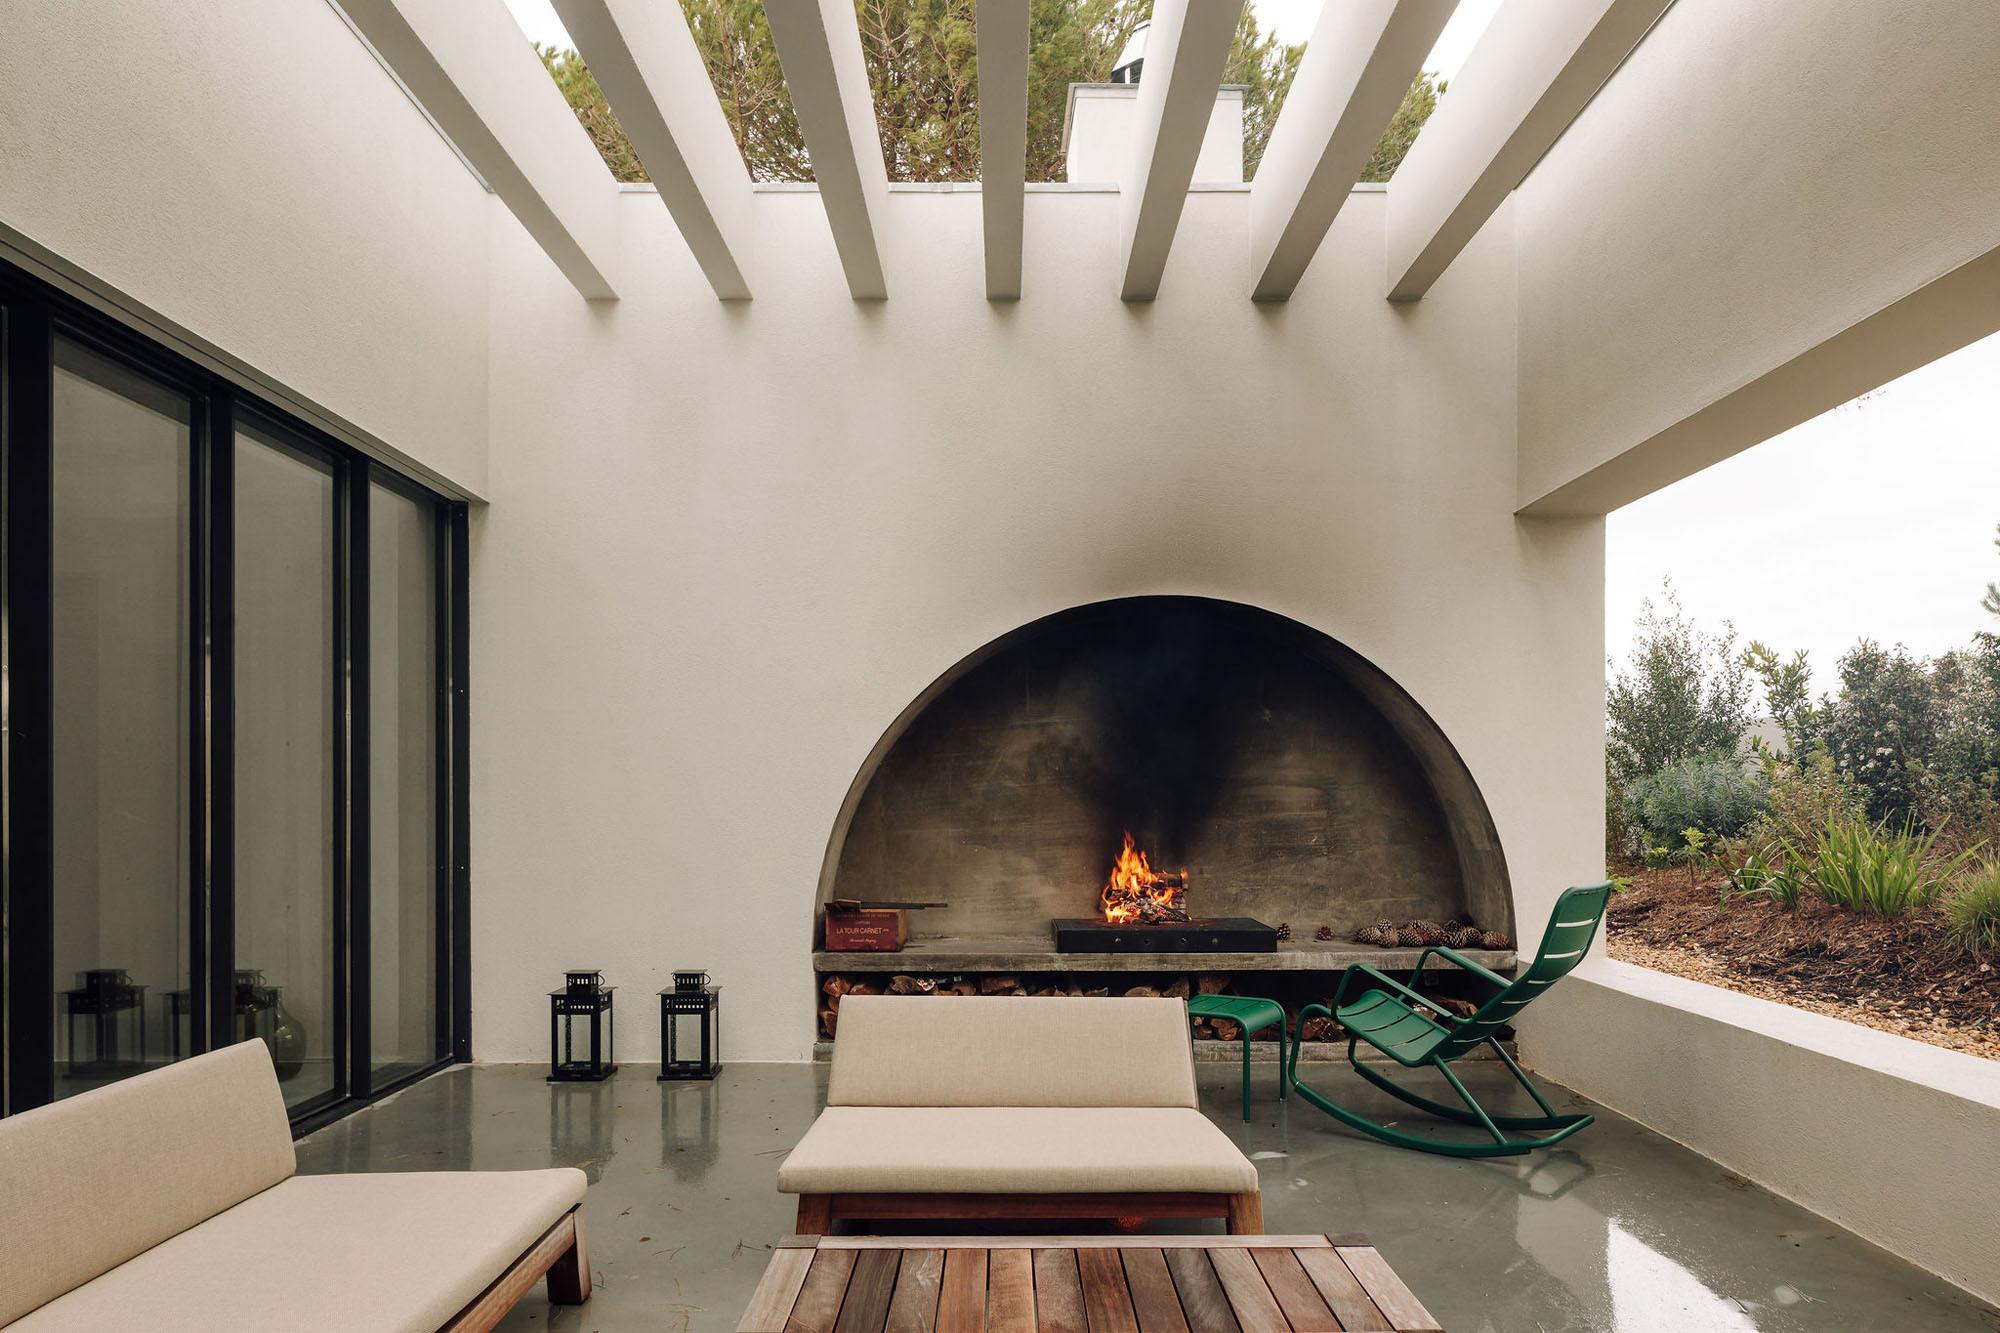 In die Seitenwände der Loggien sind zwei bogenförmige Nischen eingelassen, die eine Außenküche sowie einen Kamin aufnehmen.